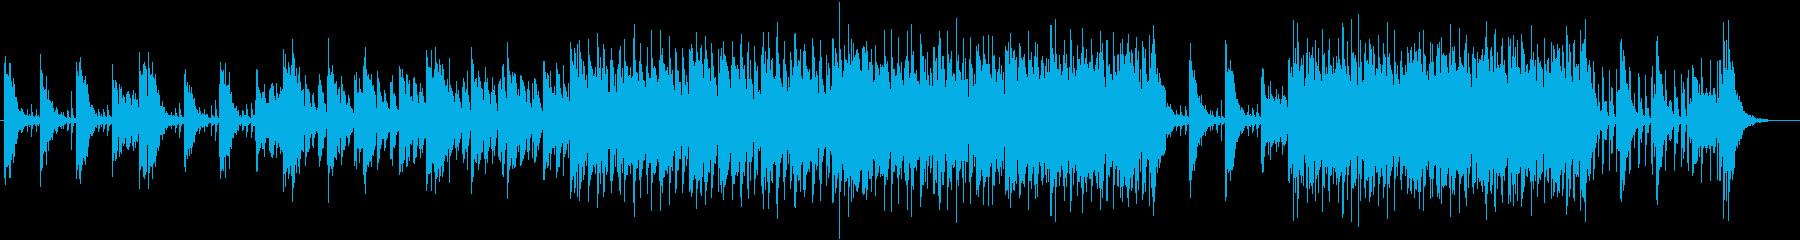 疾走感のあるシネマティックドラムの再生済みの波形